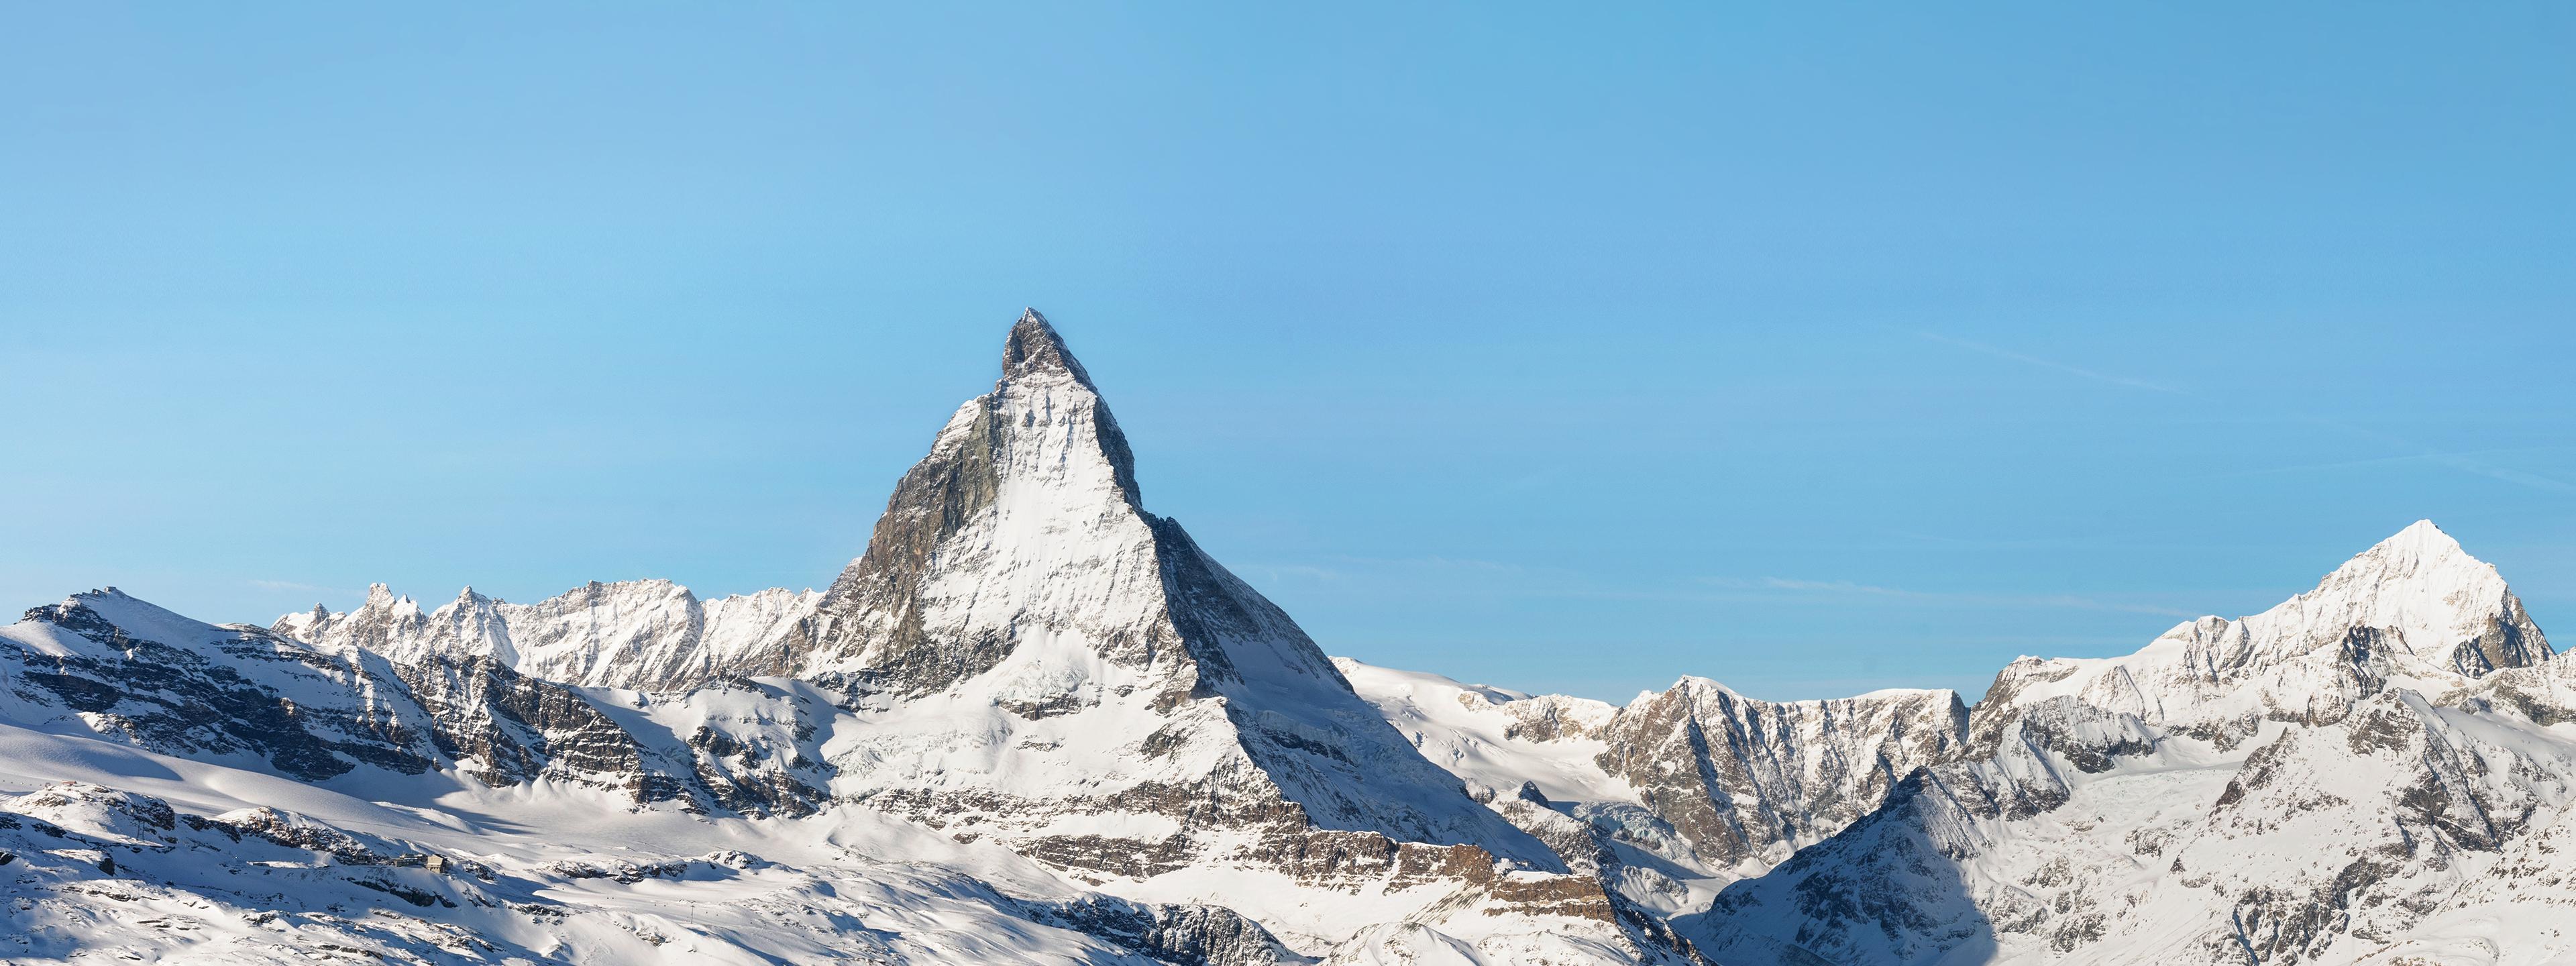 BRITA wizja szczyt pokryty śniegiem